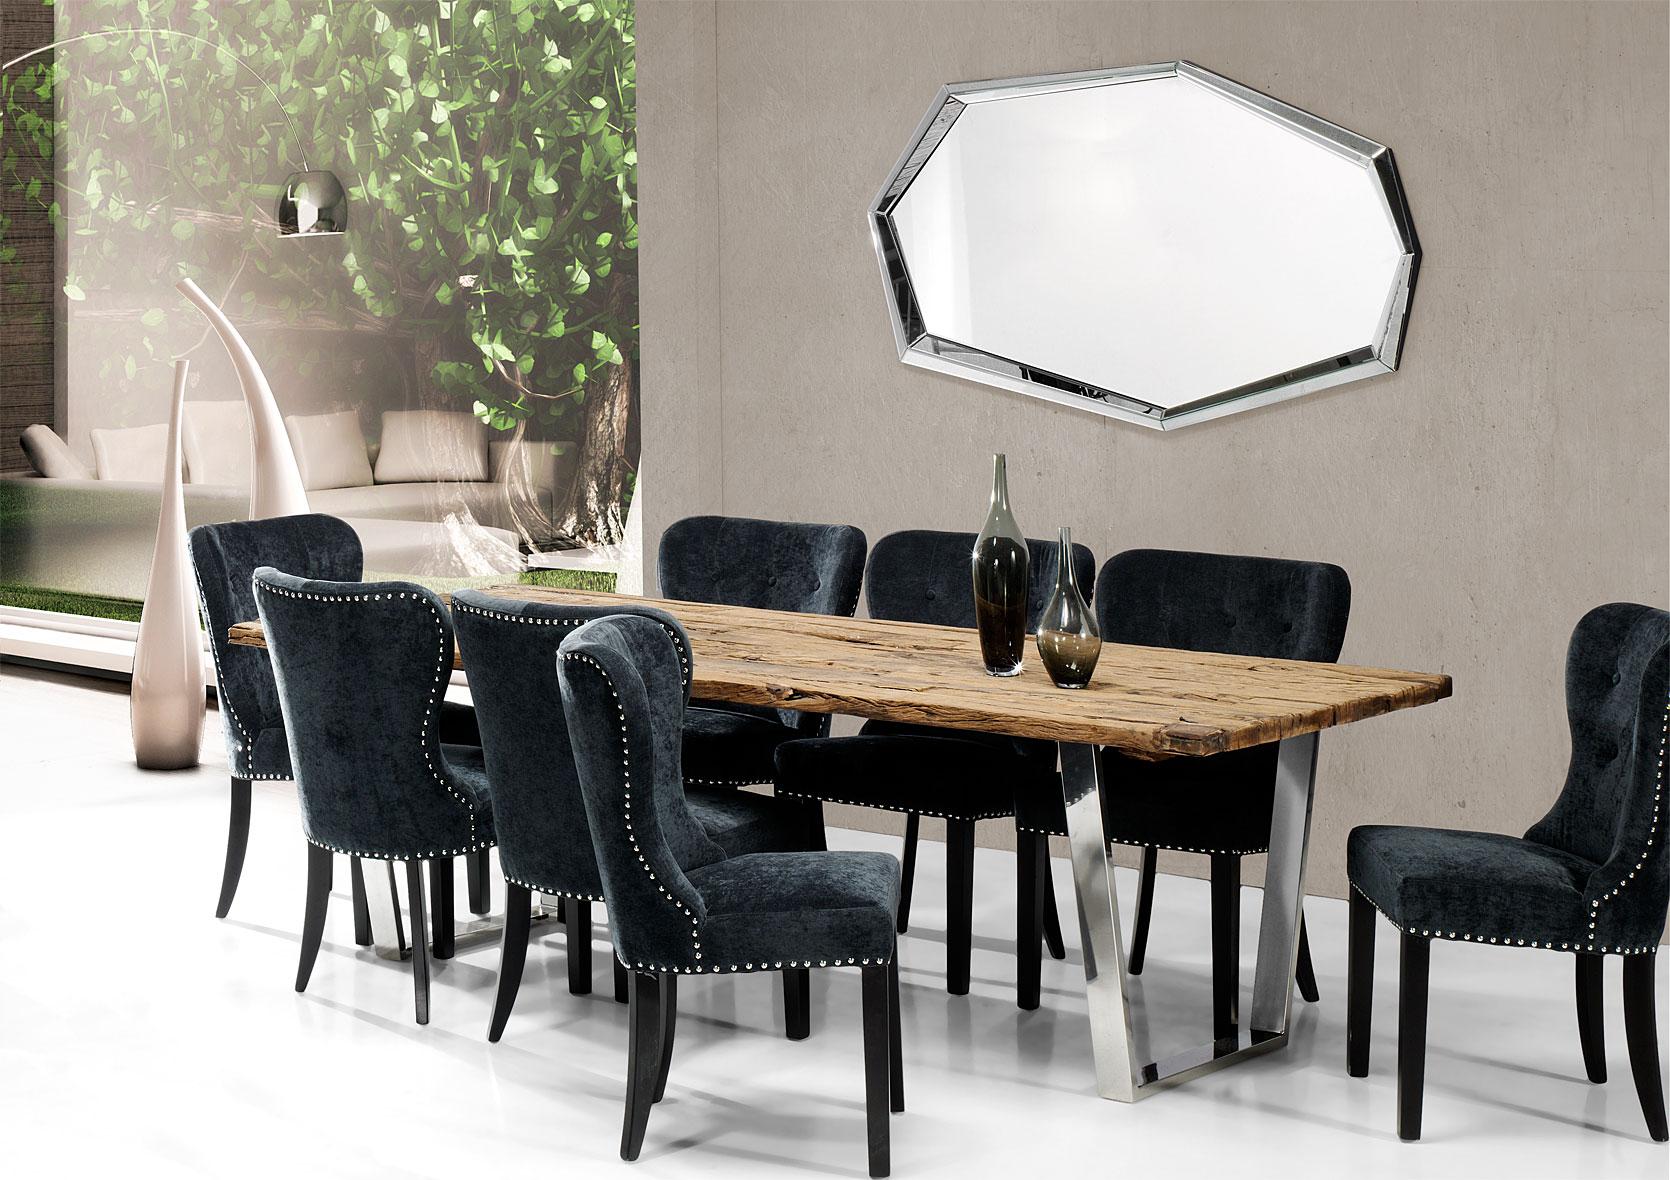 Mesa de comedor acero y madera reciclada no disponible en for Muebles de comedor en madera